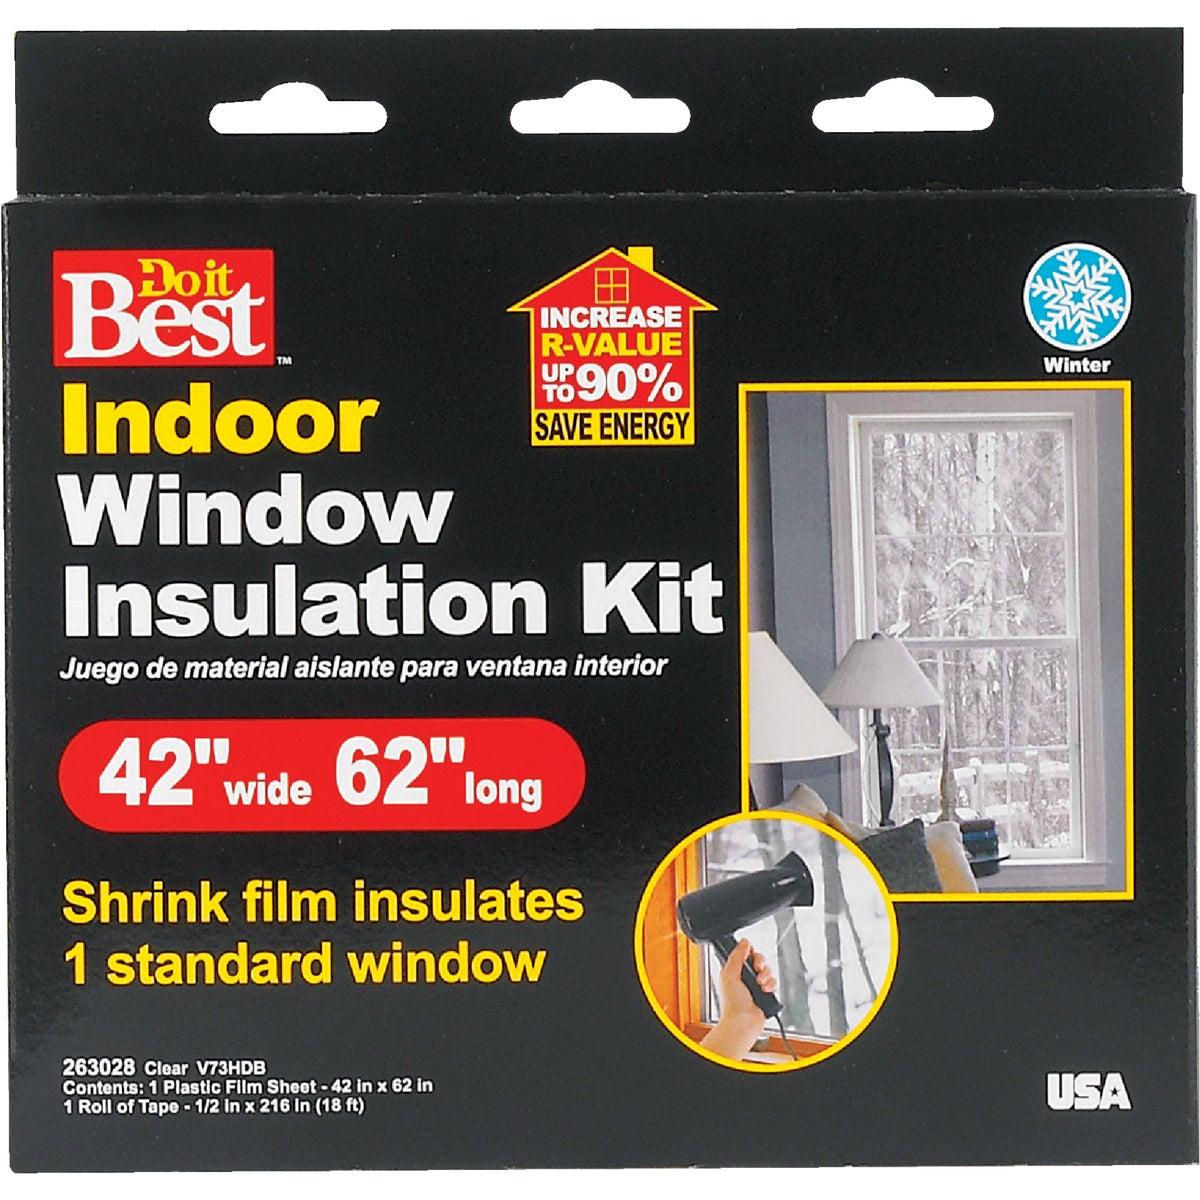 Do it Best 42 In. x 62 In. Indoor Shrink Film Window Kit